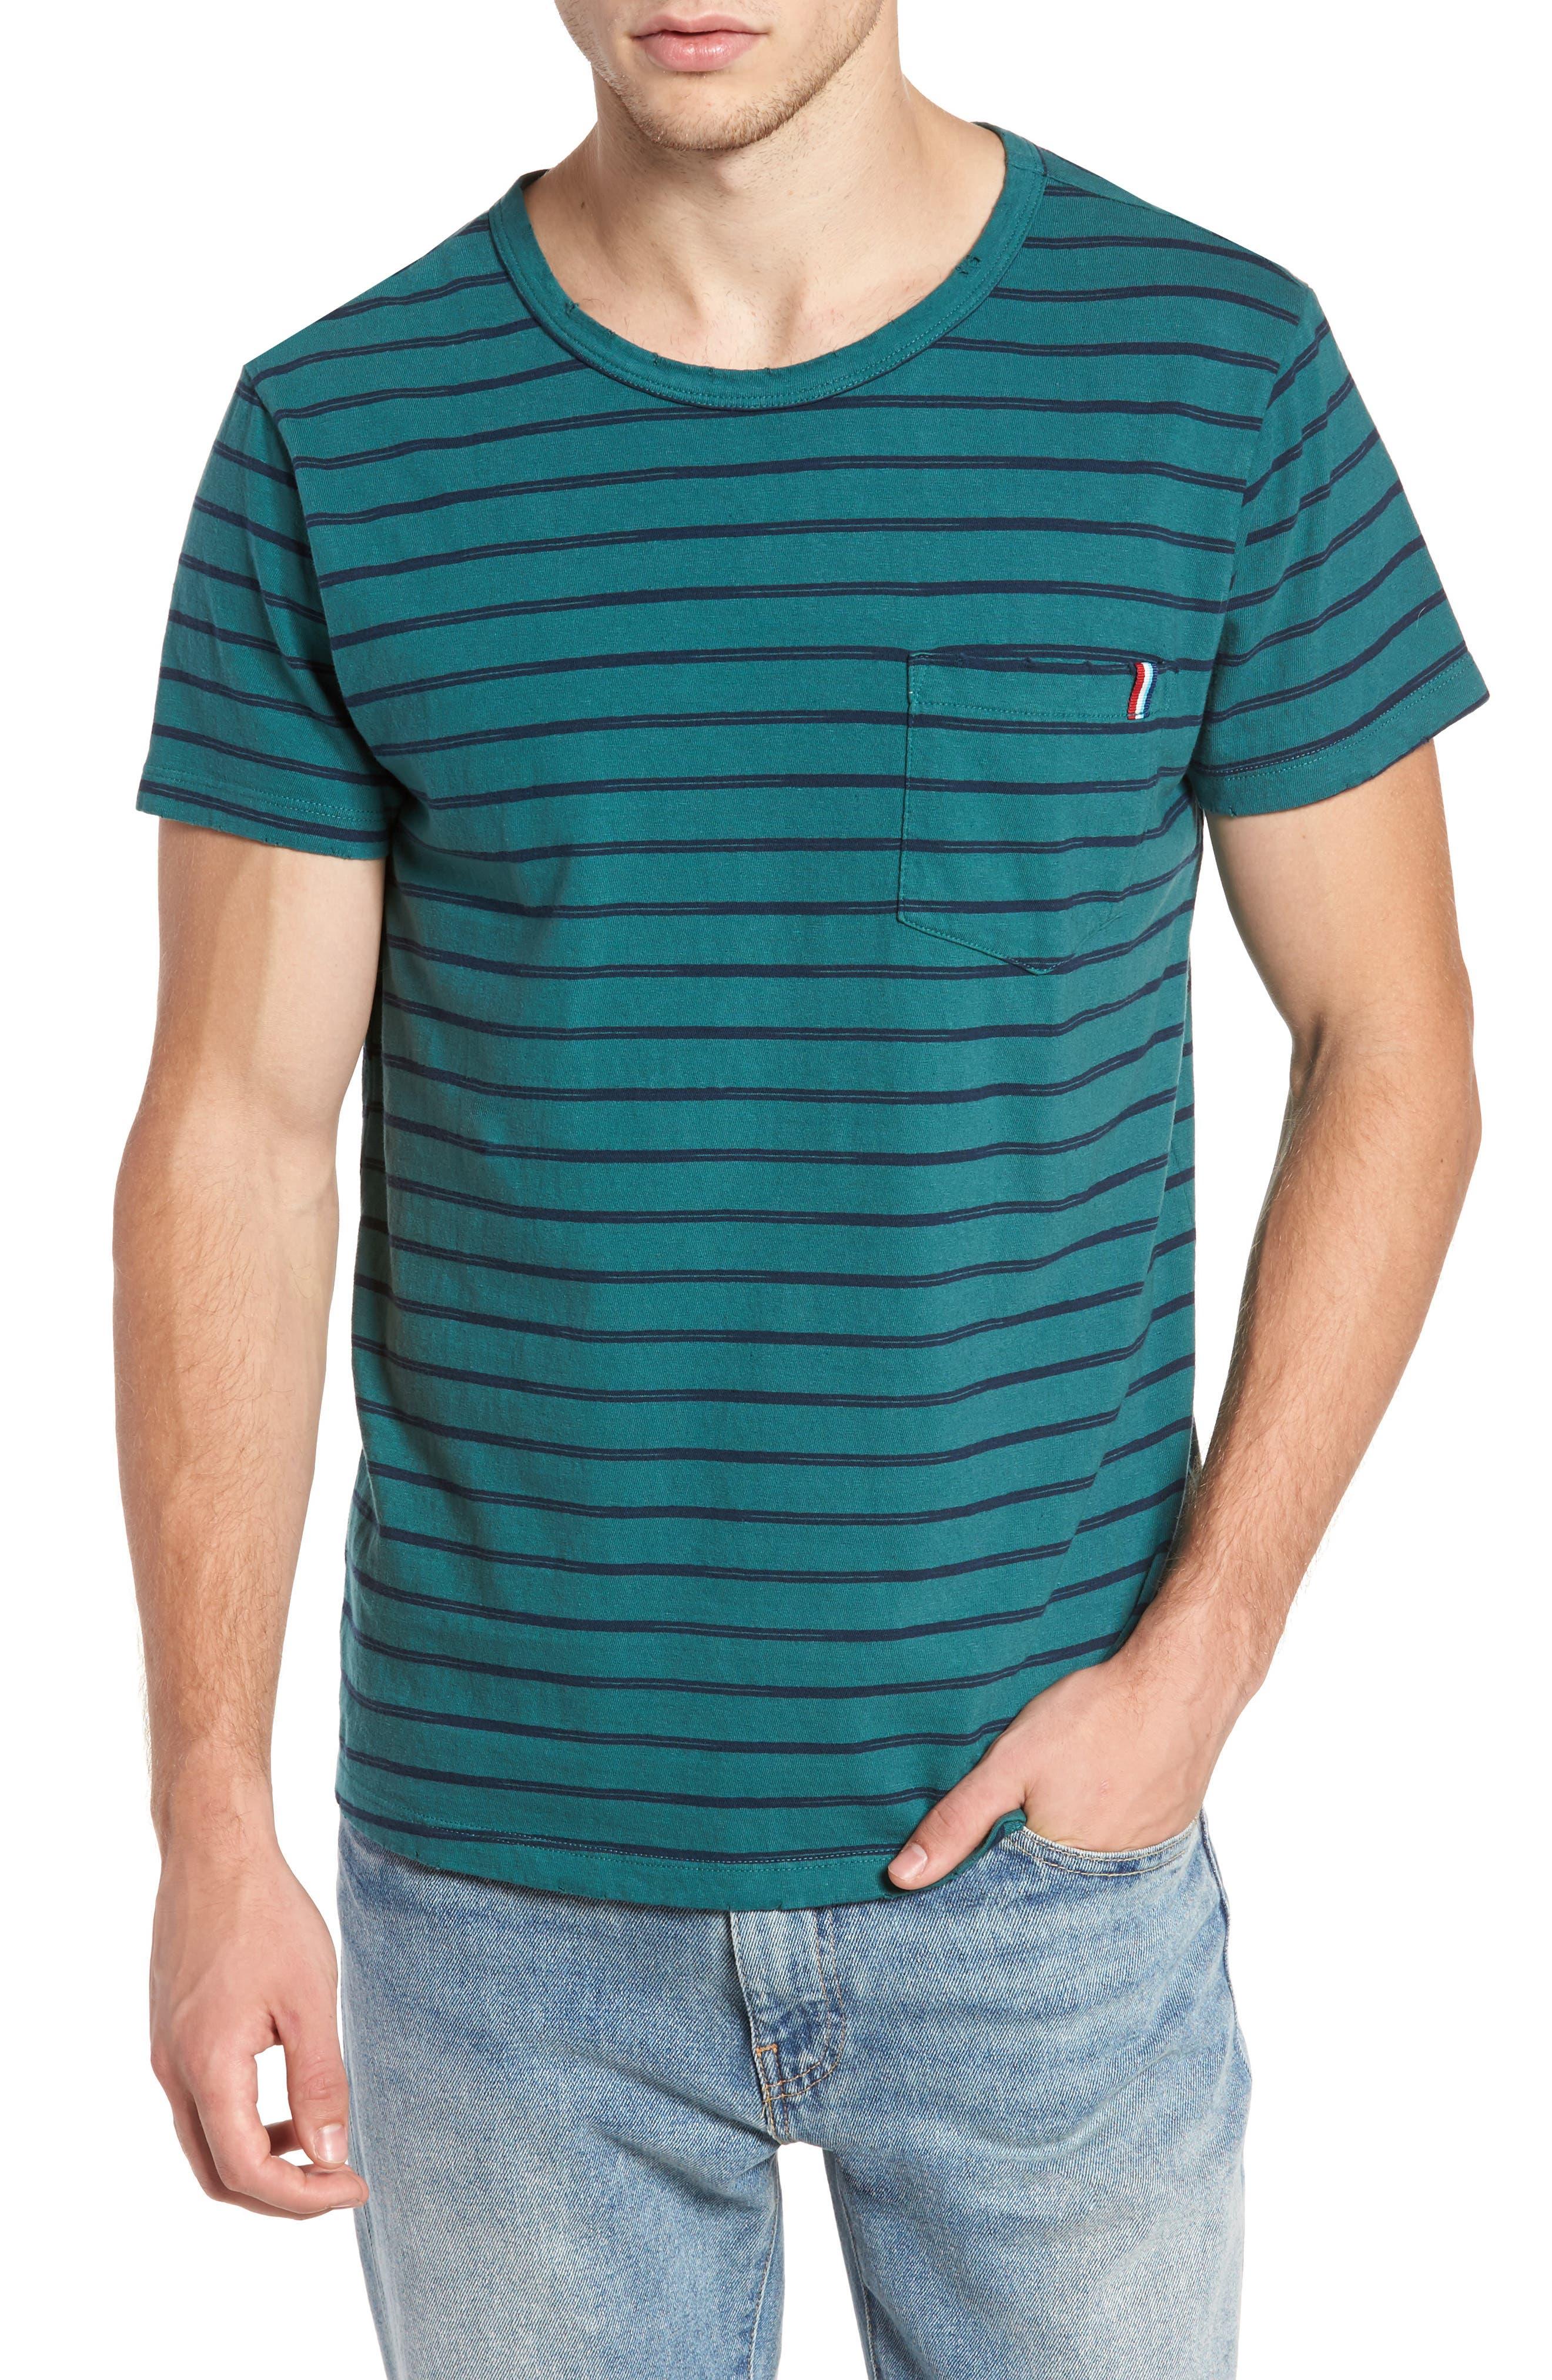 Alternate Image 1 Selected - Sol Angeles Vintage Stripe Pocket T-Shirt